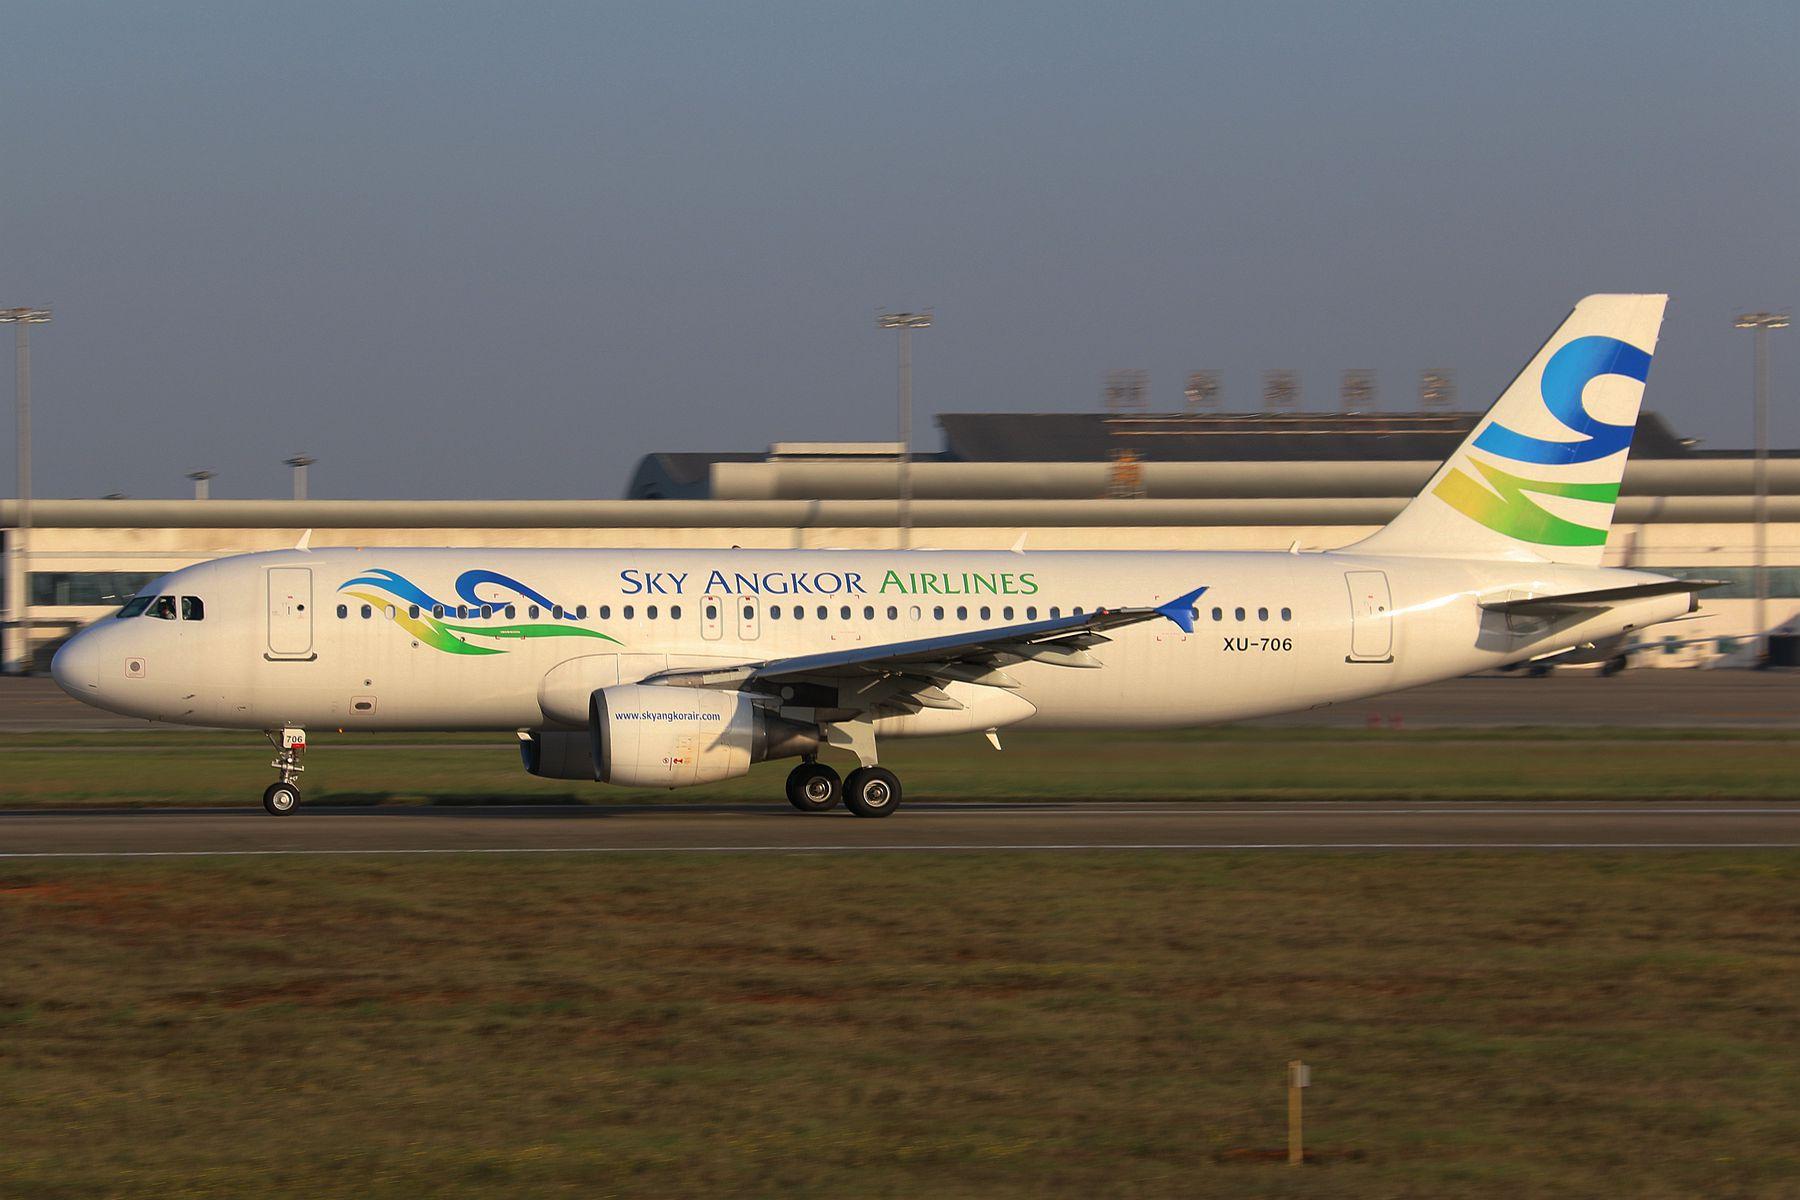 [原创]【一图党】夕阳下的天空吴哥航空XU-706 AIRBUS A320-200 XU-706 中国南昌昌北国际机场